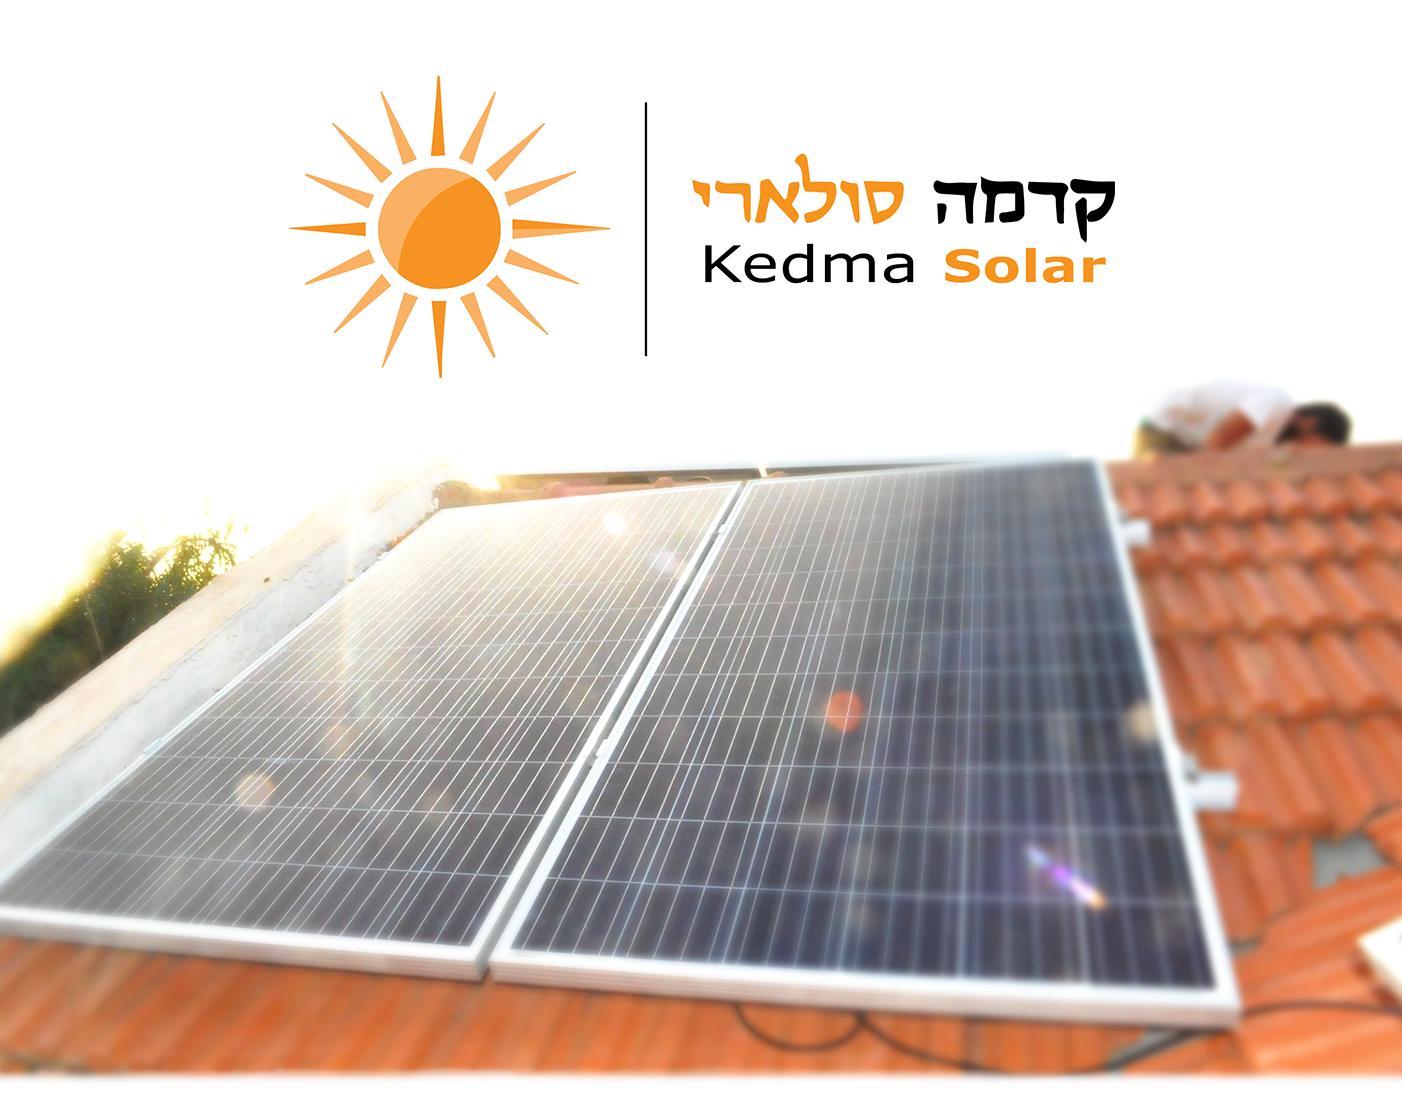 Kedma Solar